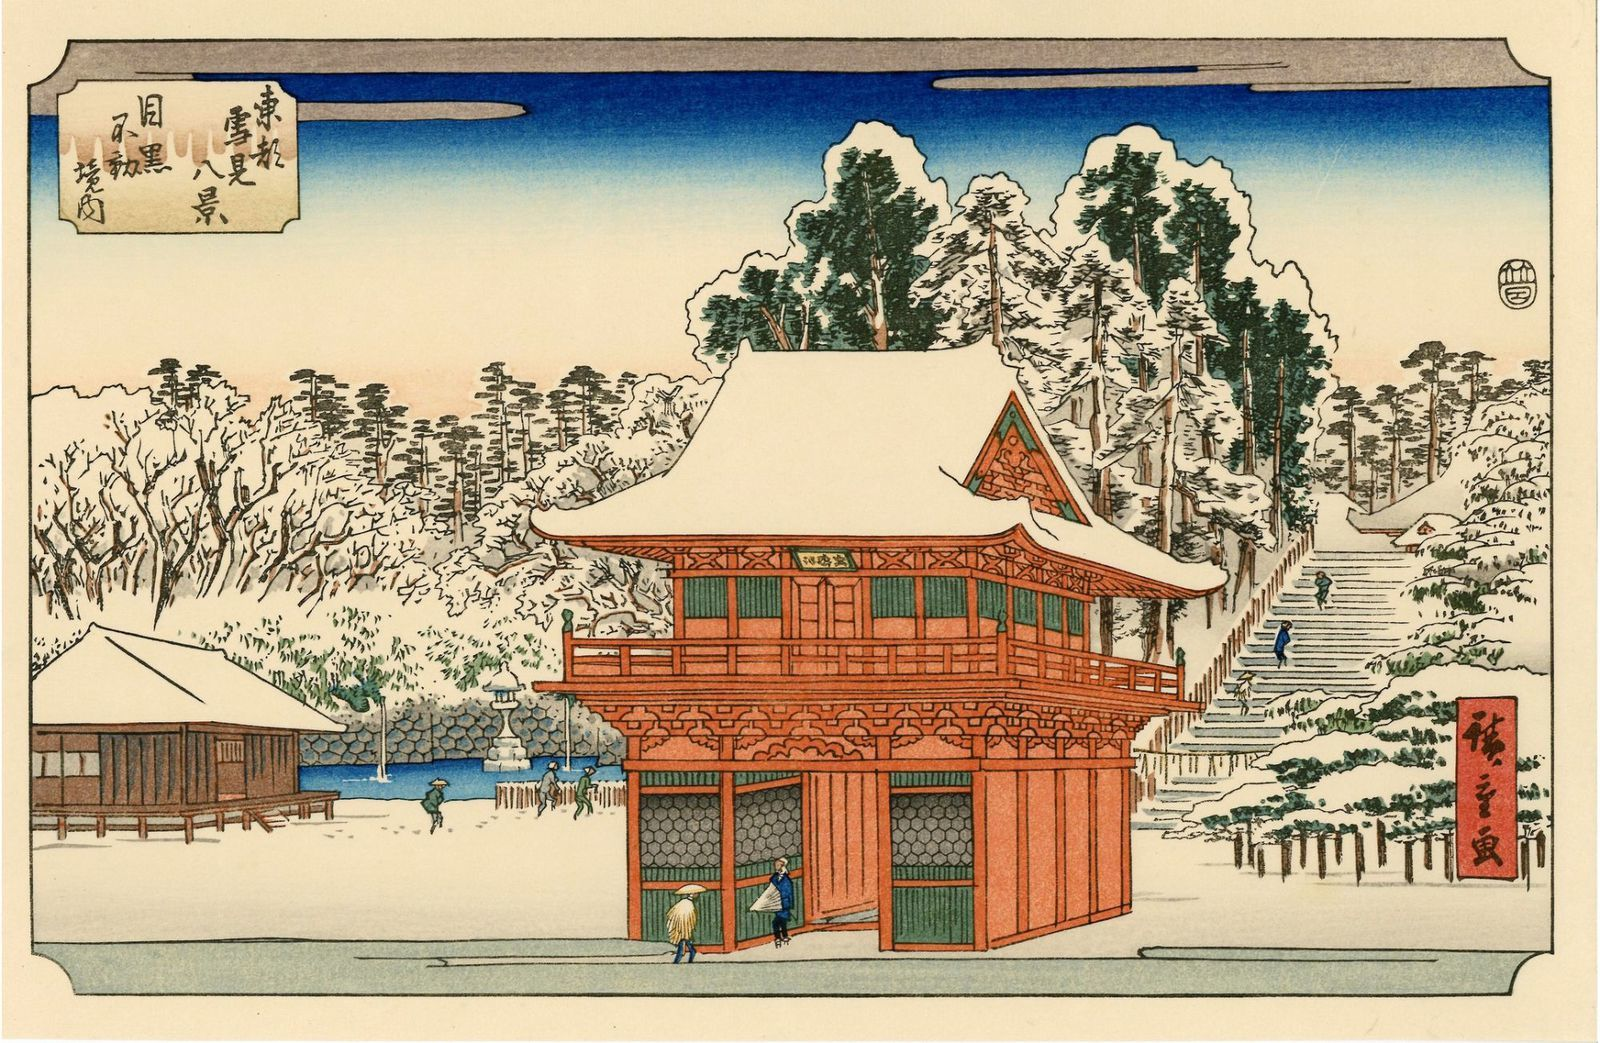 vends belle série de véritables estampes japonaises d'Hiroshige : paysages neigeux